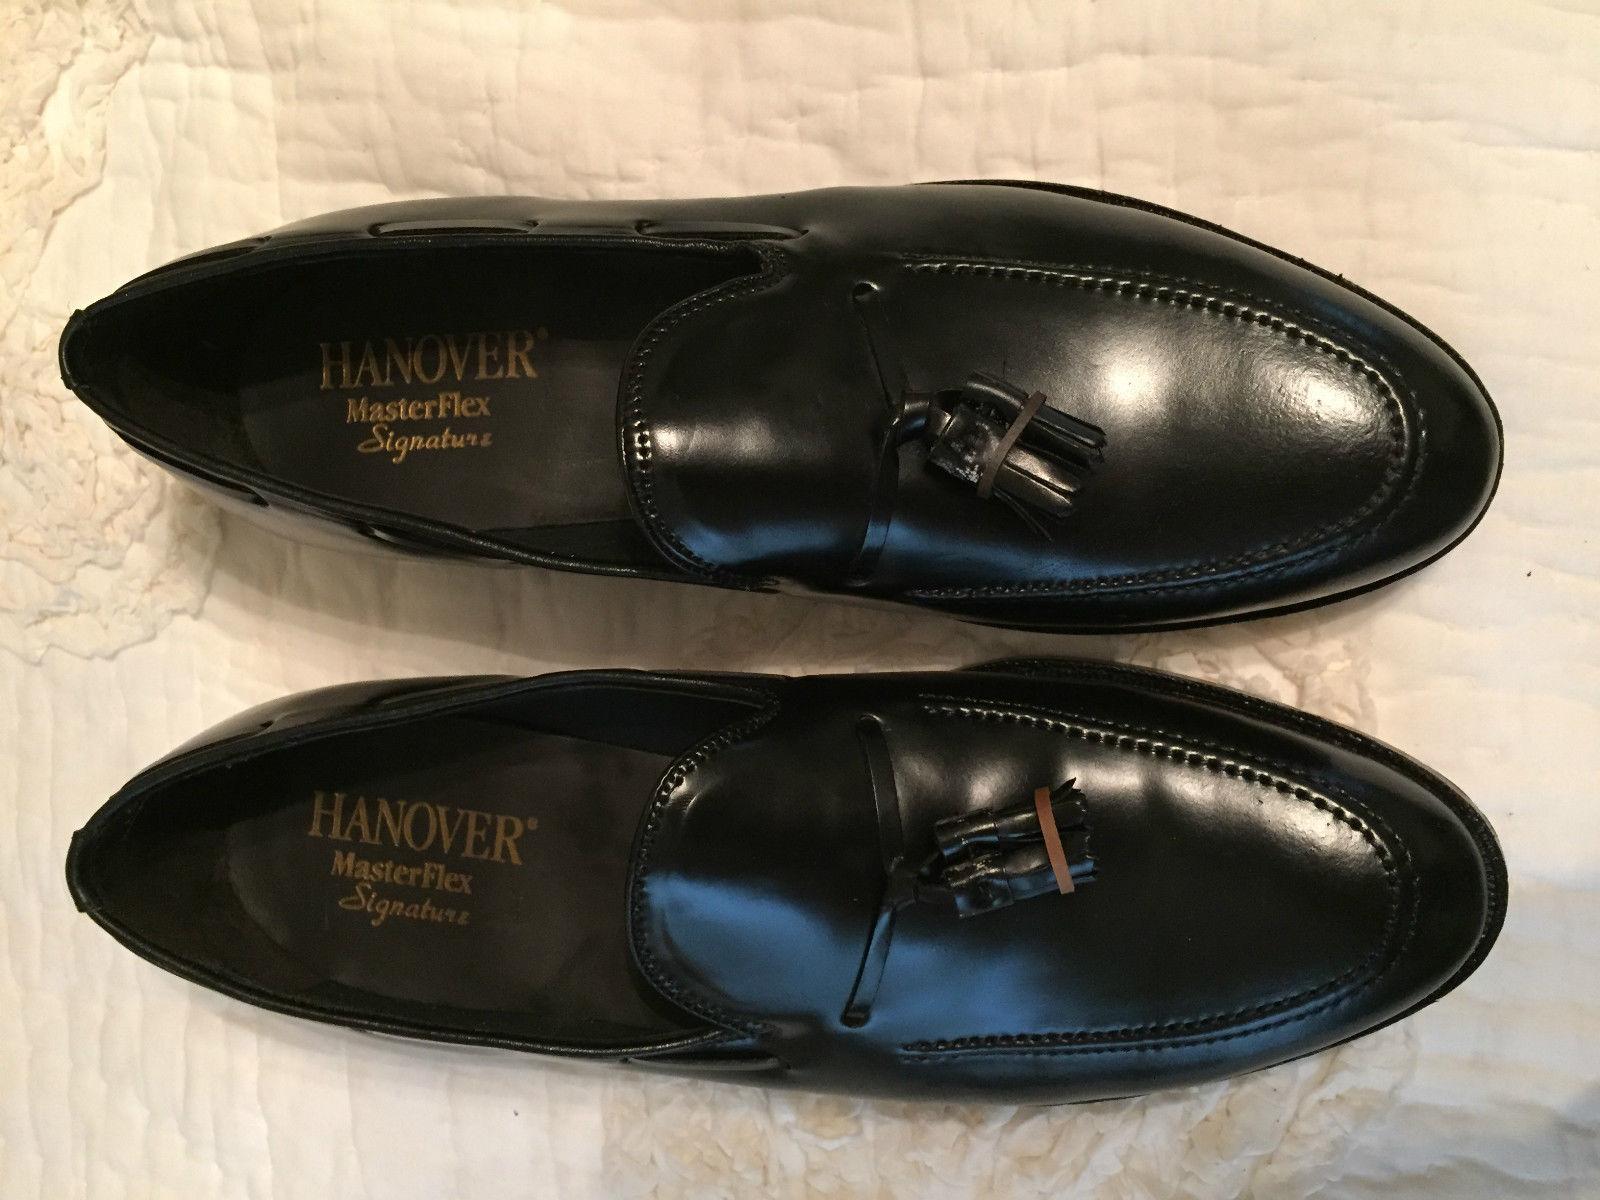 Hanover 3505 Tassel Loafer Black